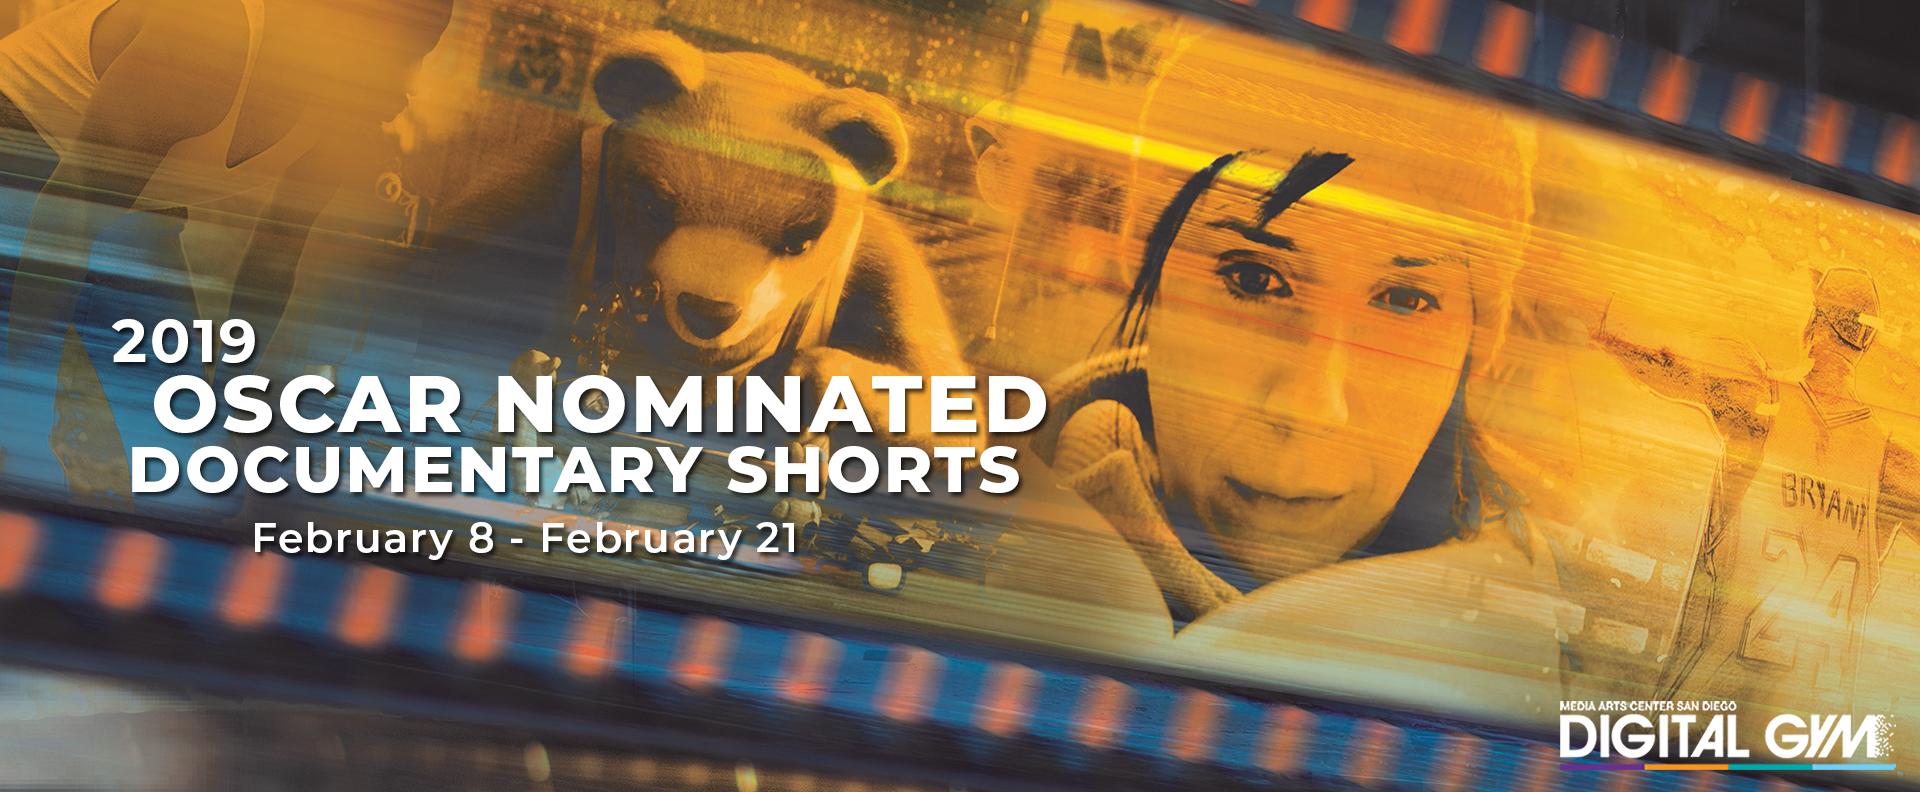 2019 oscar nominated documentary shorts digital gym cinema San Diego